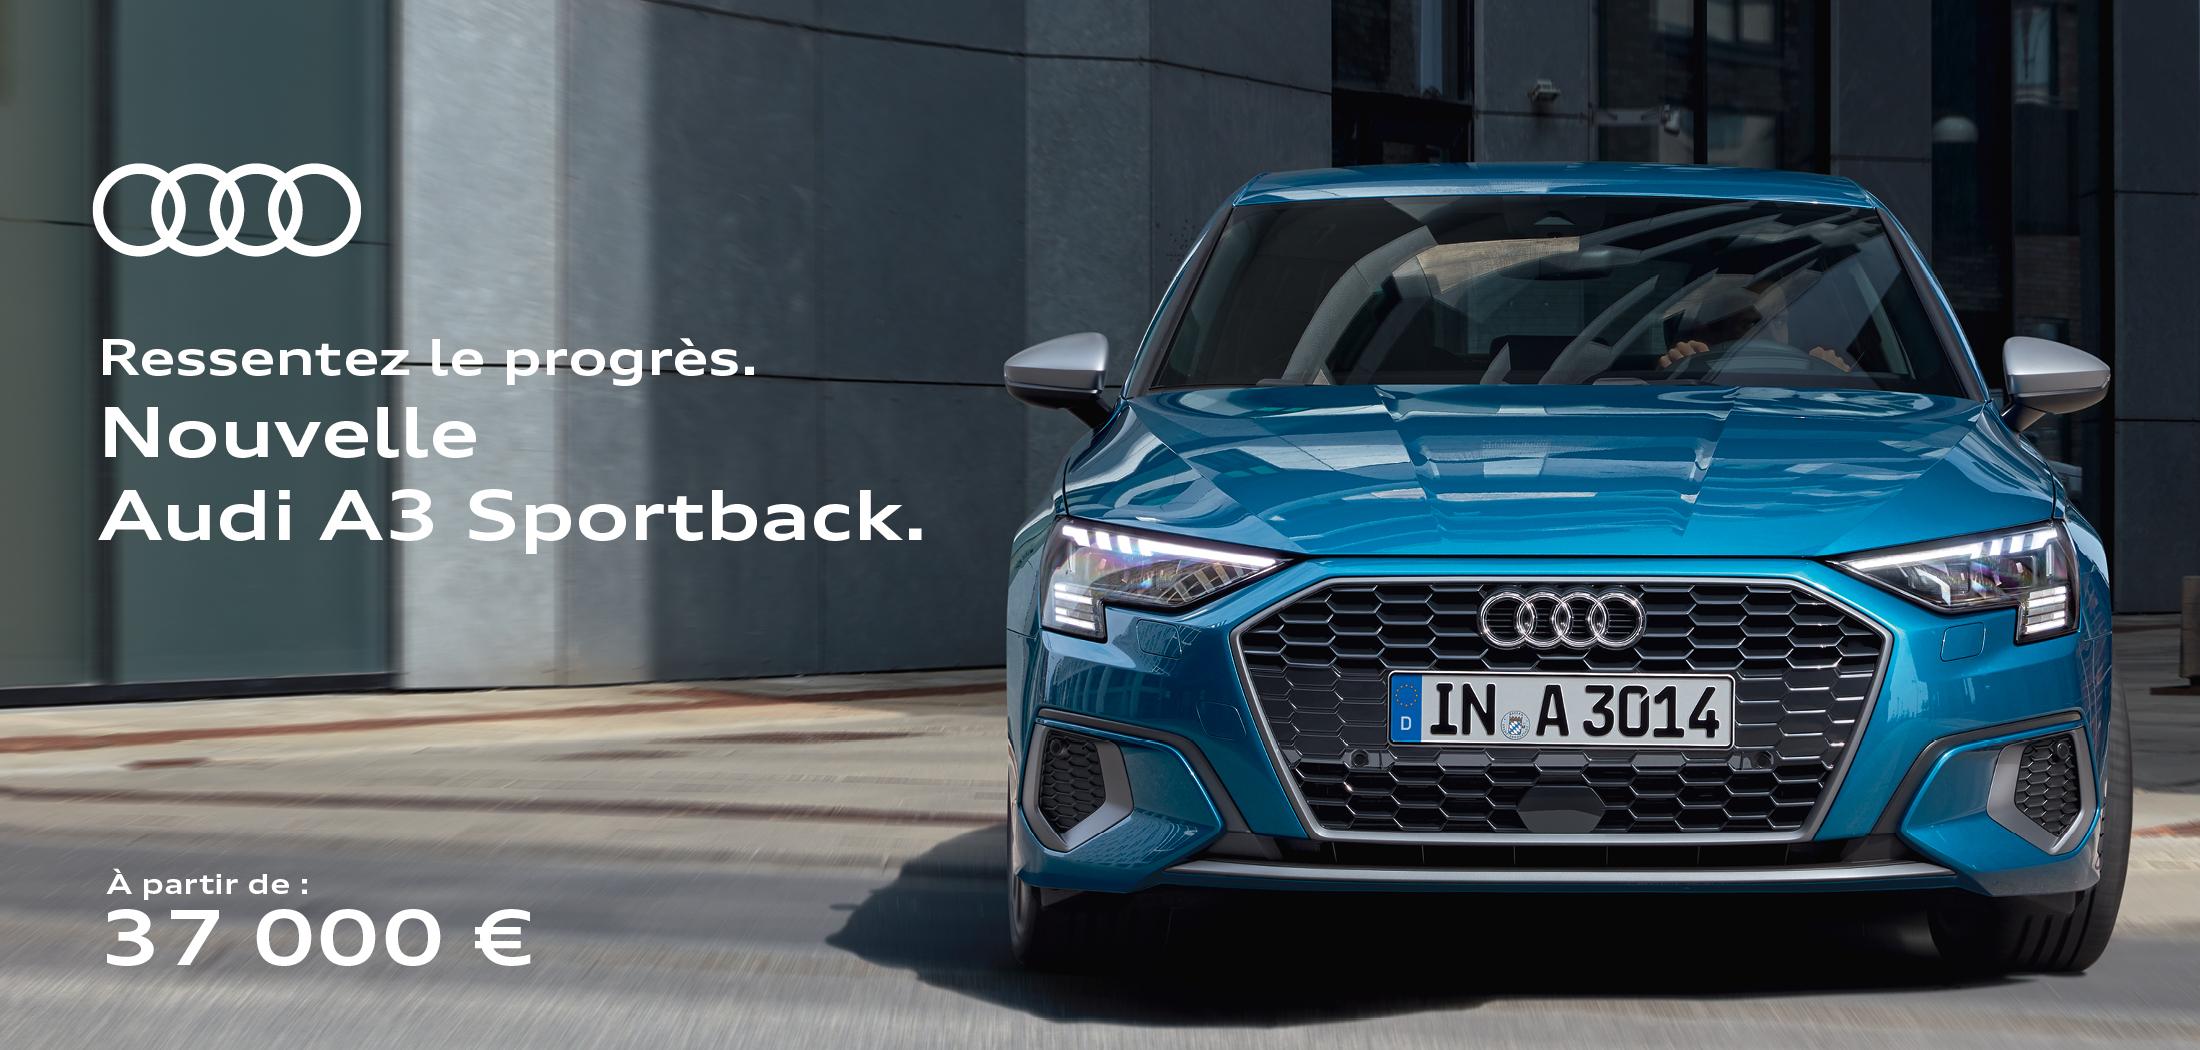 Nouvelle Audi A3 Sportback. Connectée à votre vie.